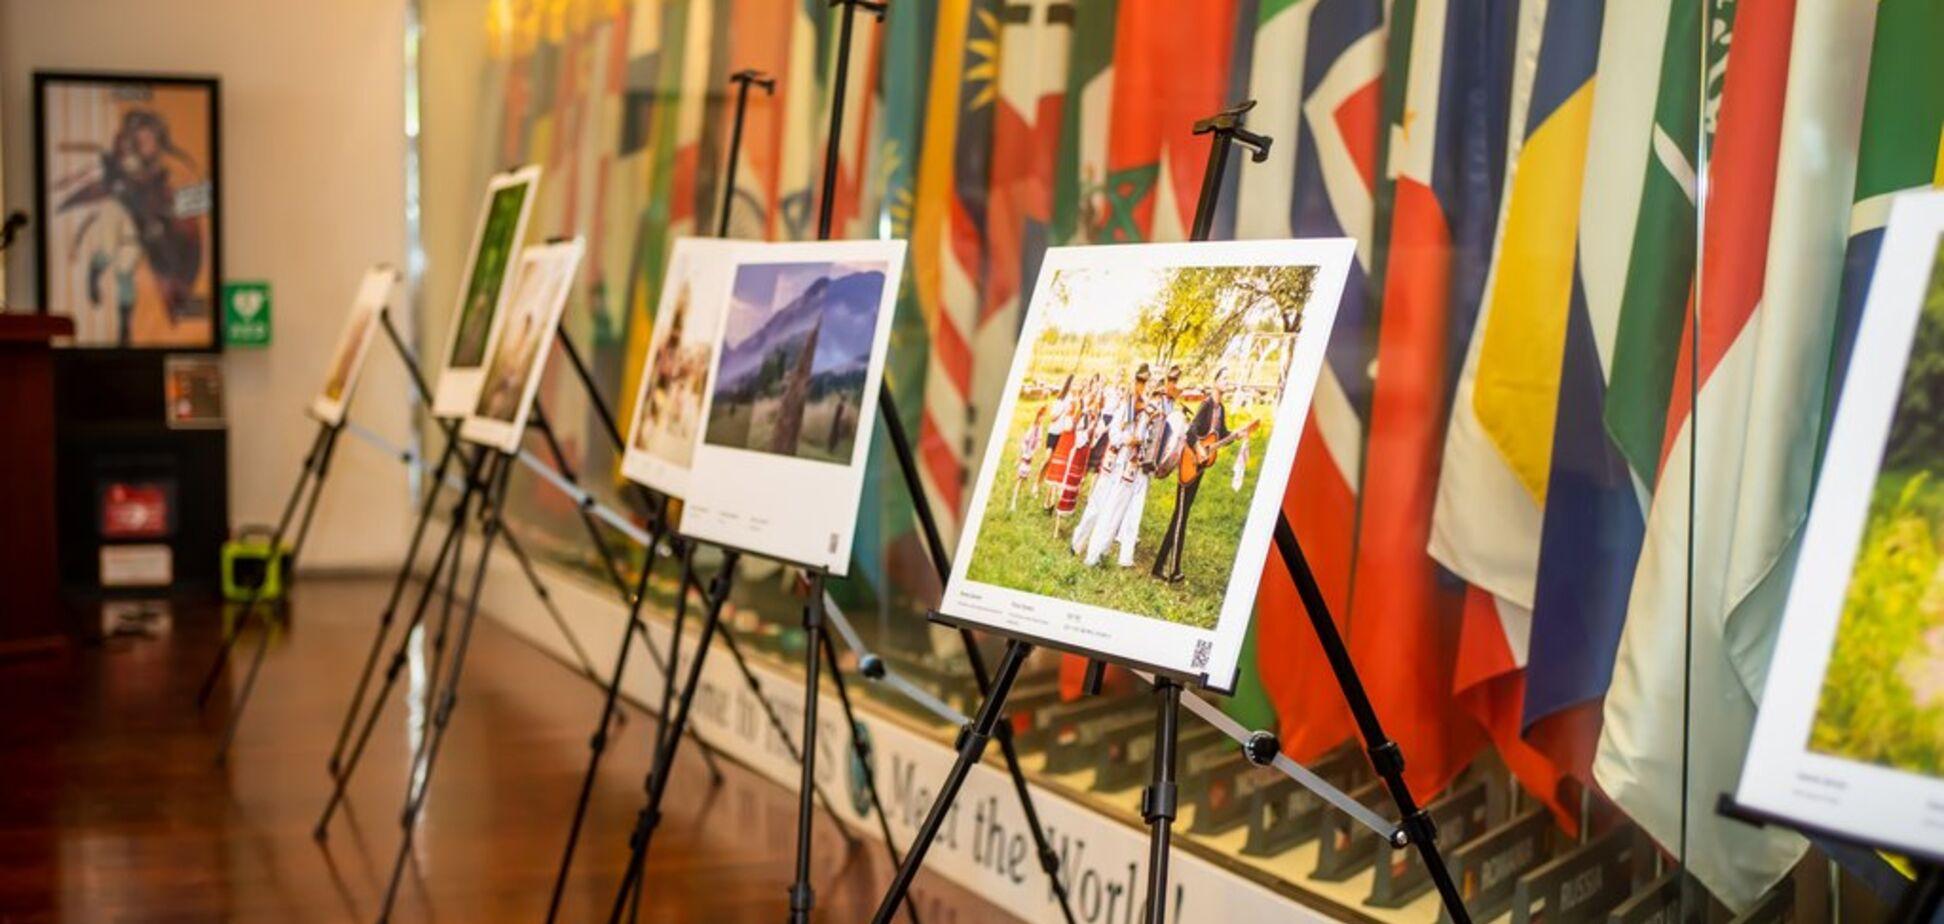 В Южной Корее состоялась выставка об Украине: фото